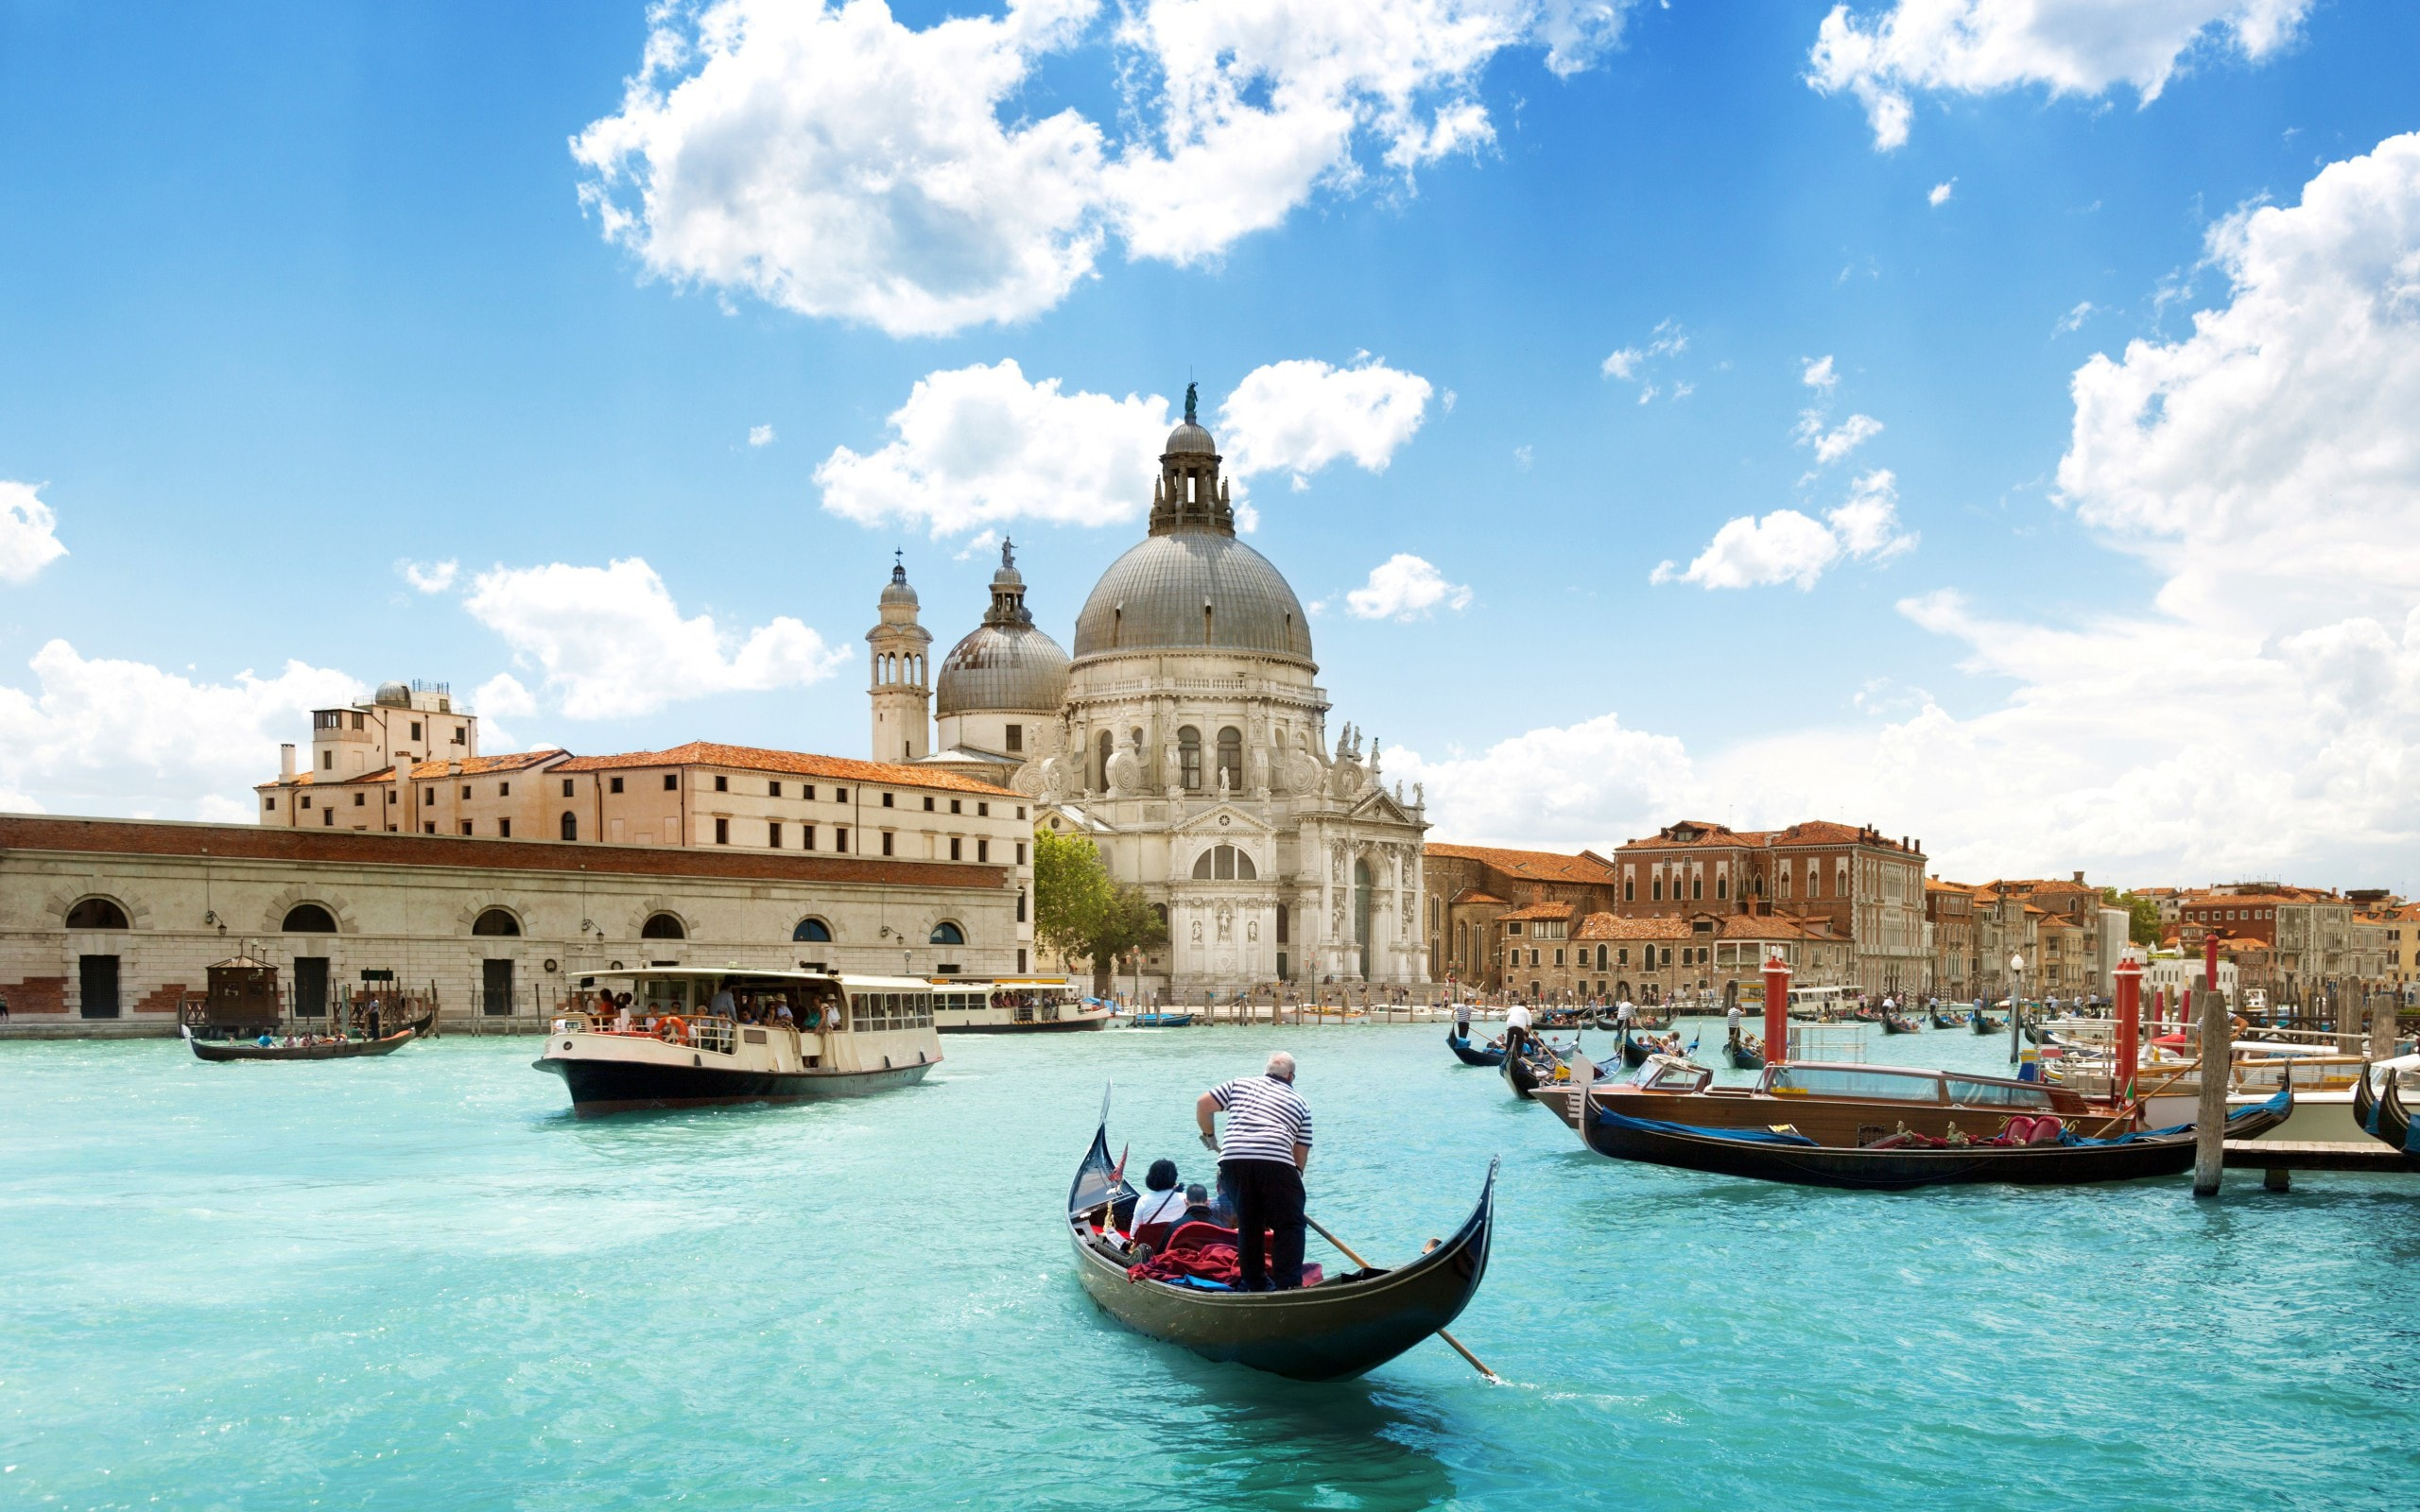 Venice Background